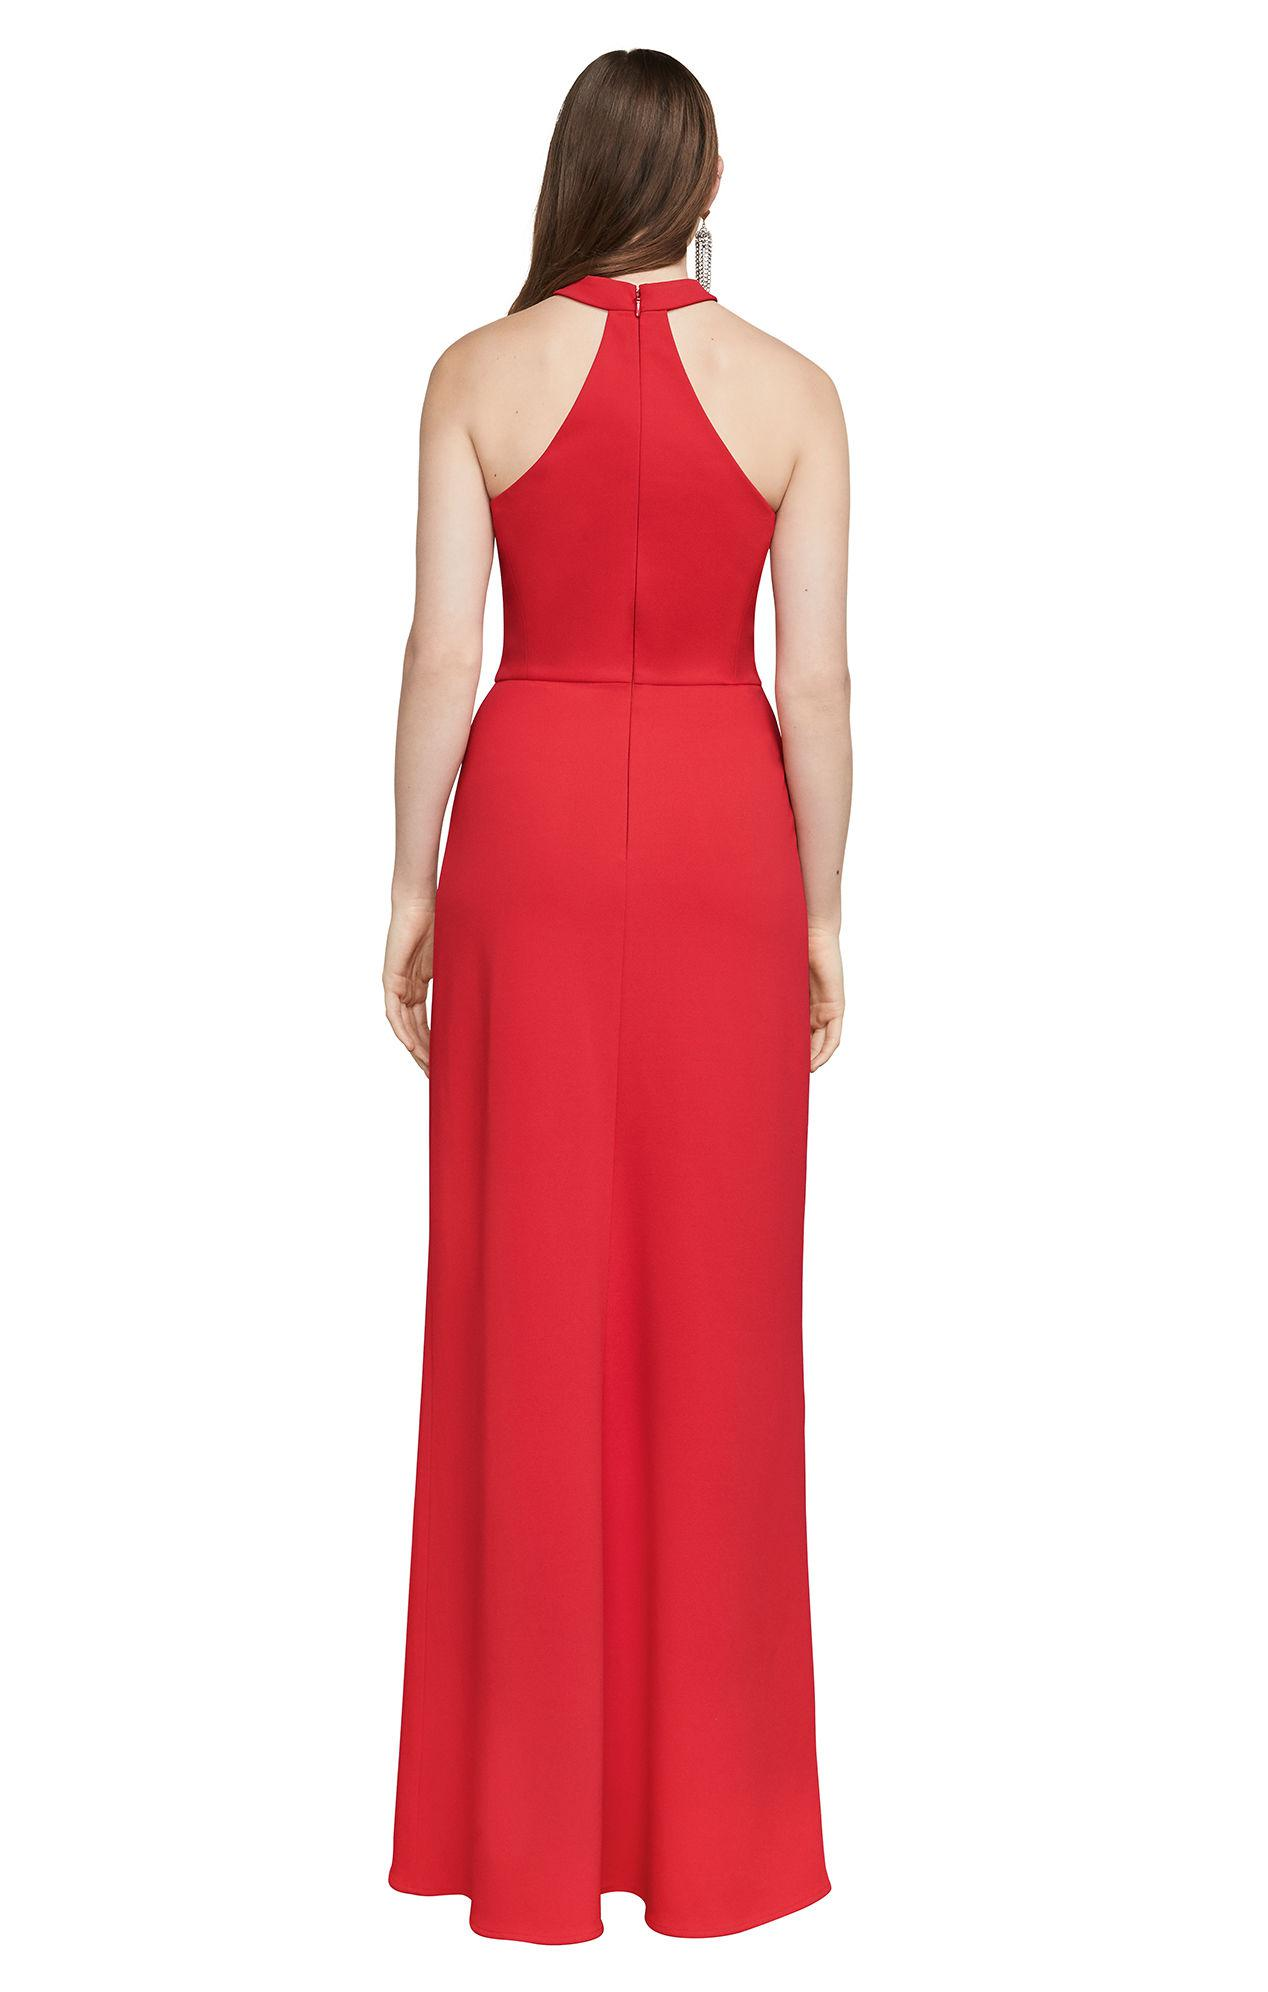 Lyst - Bcbgmaxazria Bcbg Elias Strapless Gown in Red